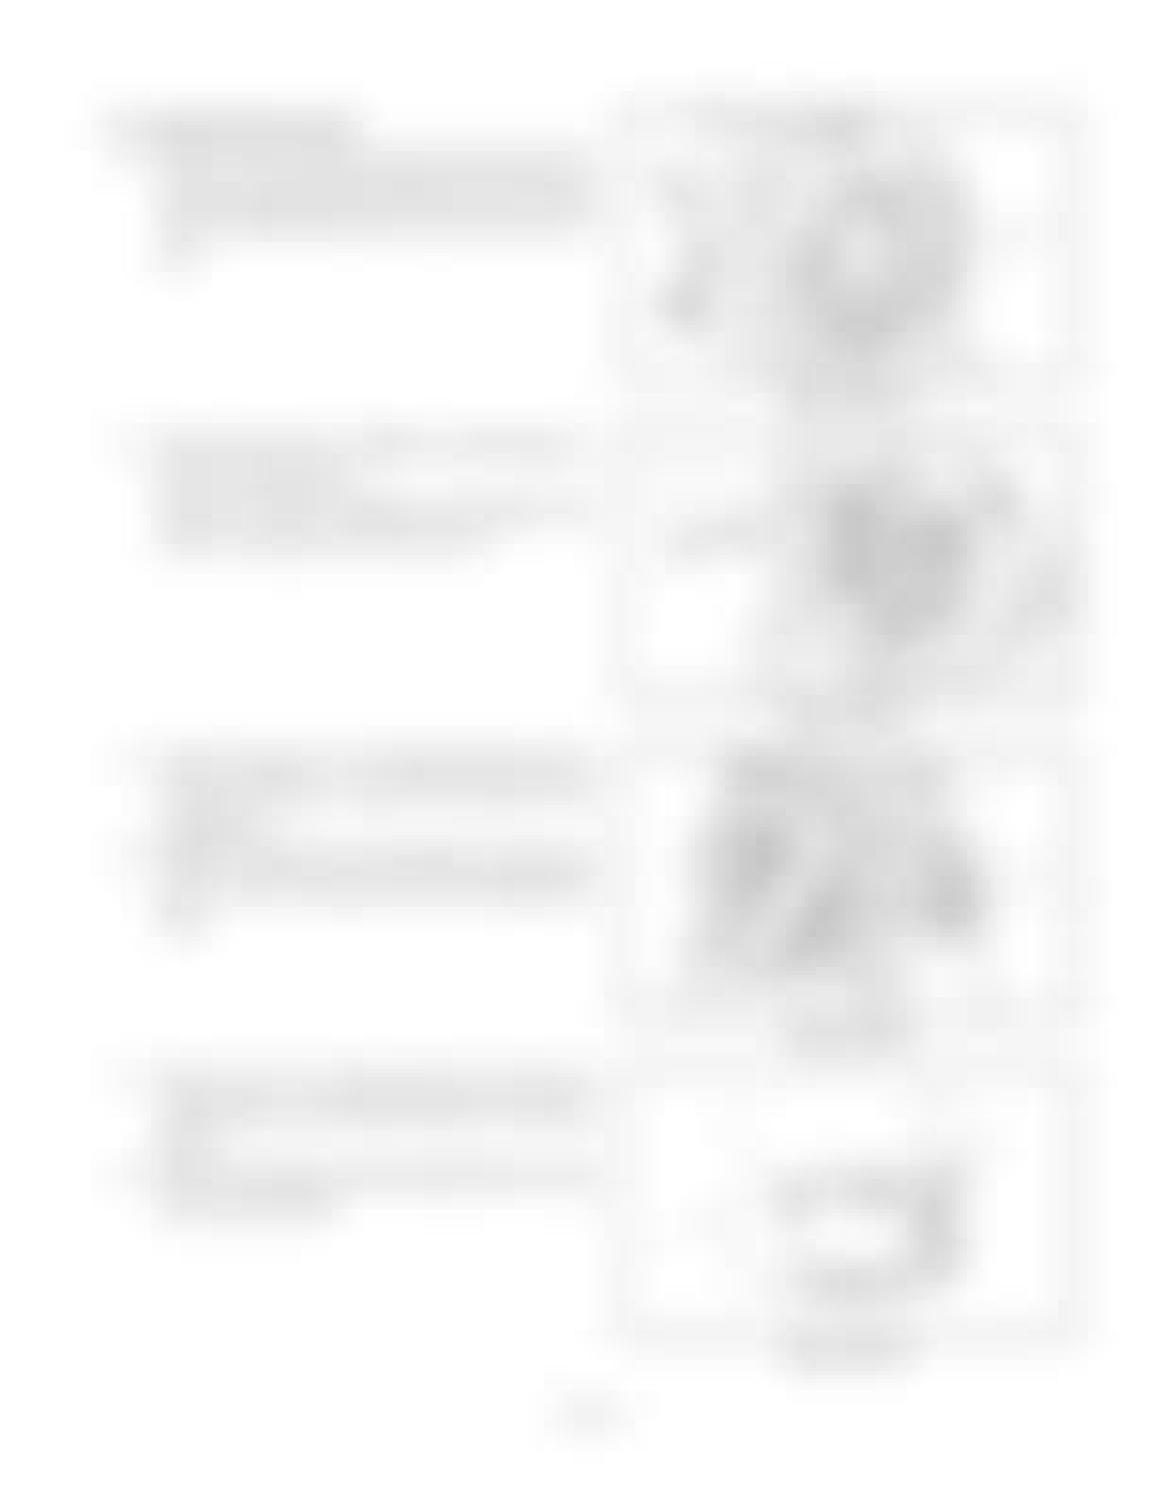 Hitachi LX110-7 LX130-7 LX160-7 LX190-7 LX230-7 Wheel Loader Workshop Manual - PDF DOWNLOAD page 225